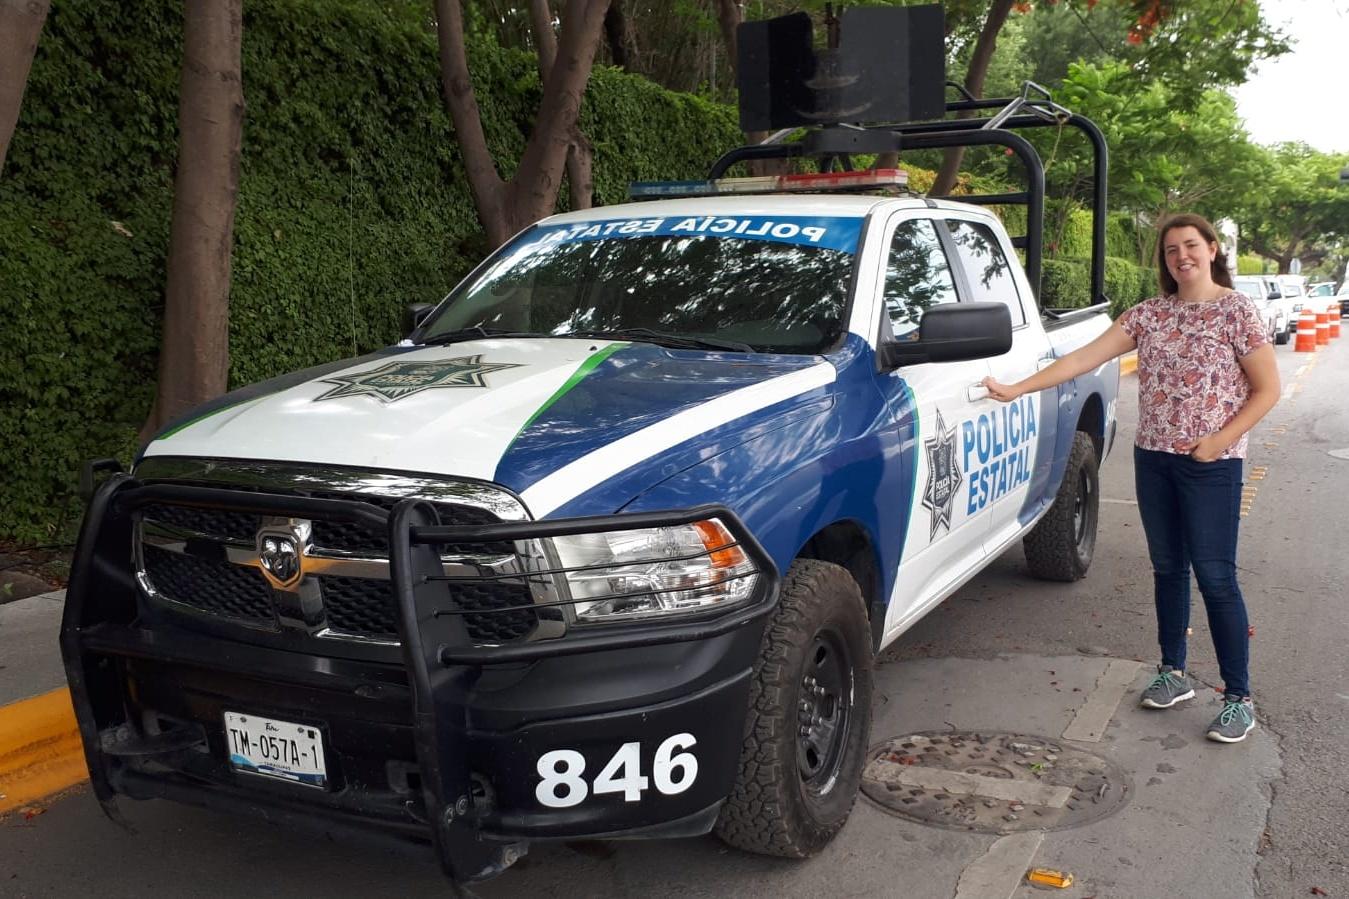 Fotka s policejním autem